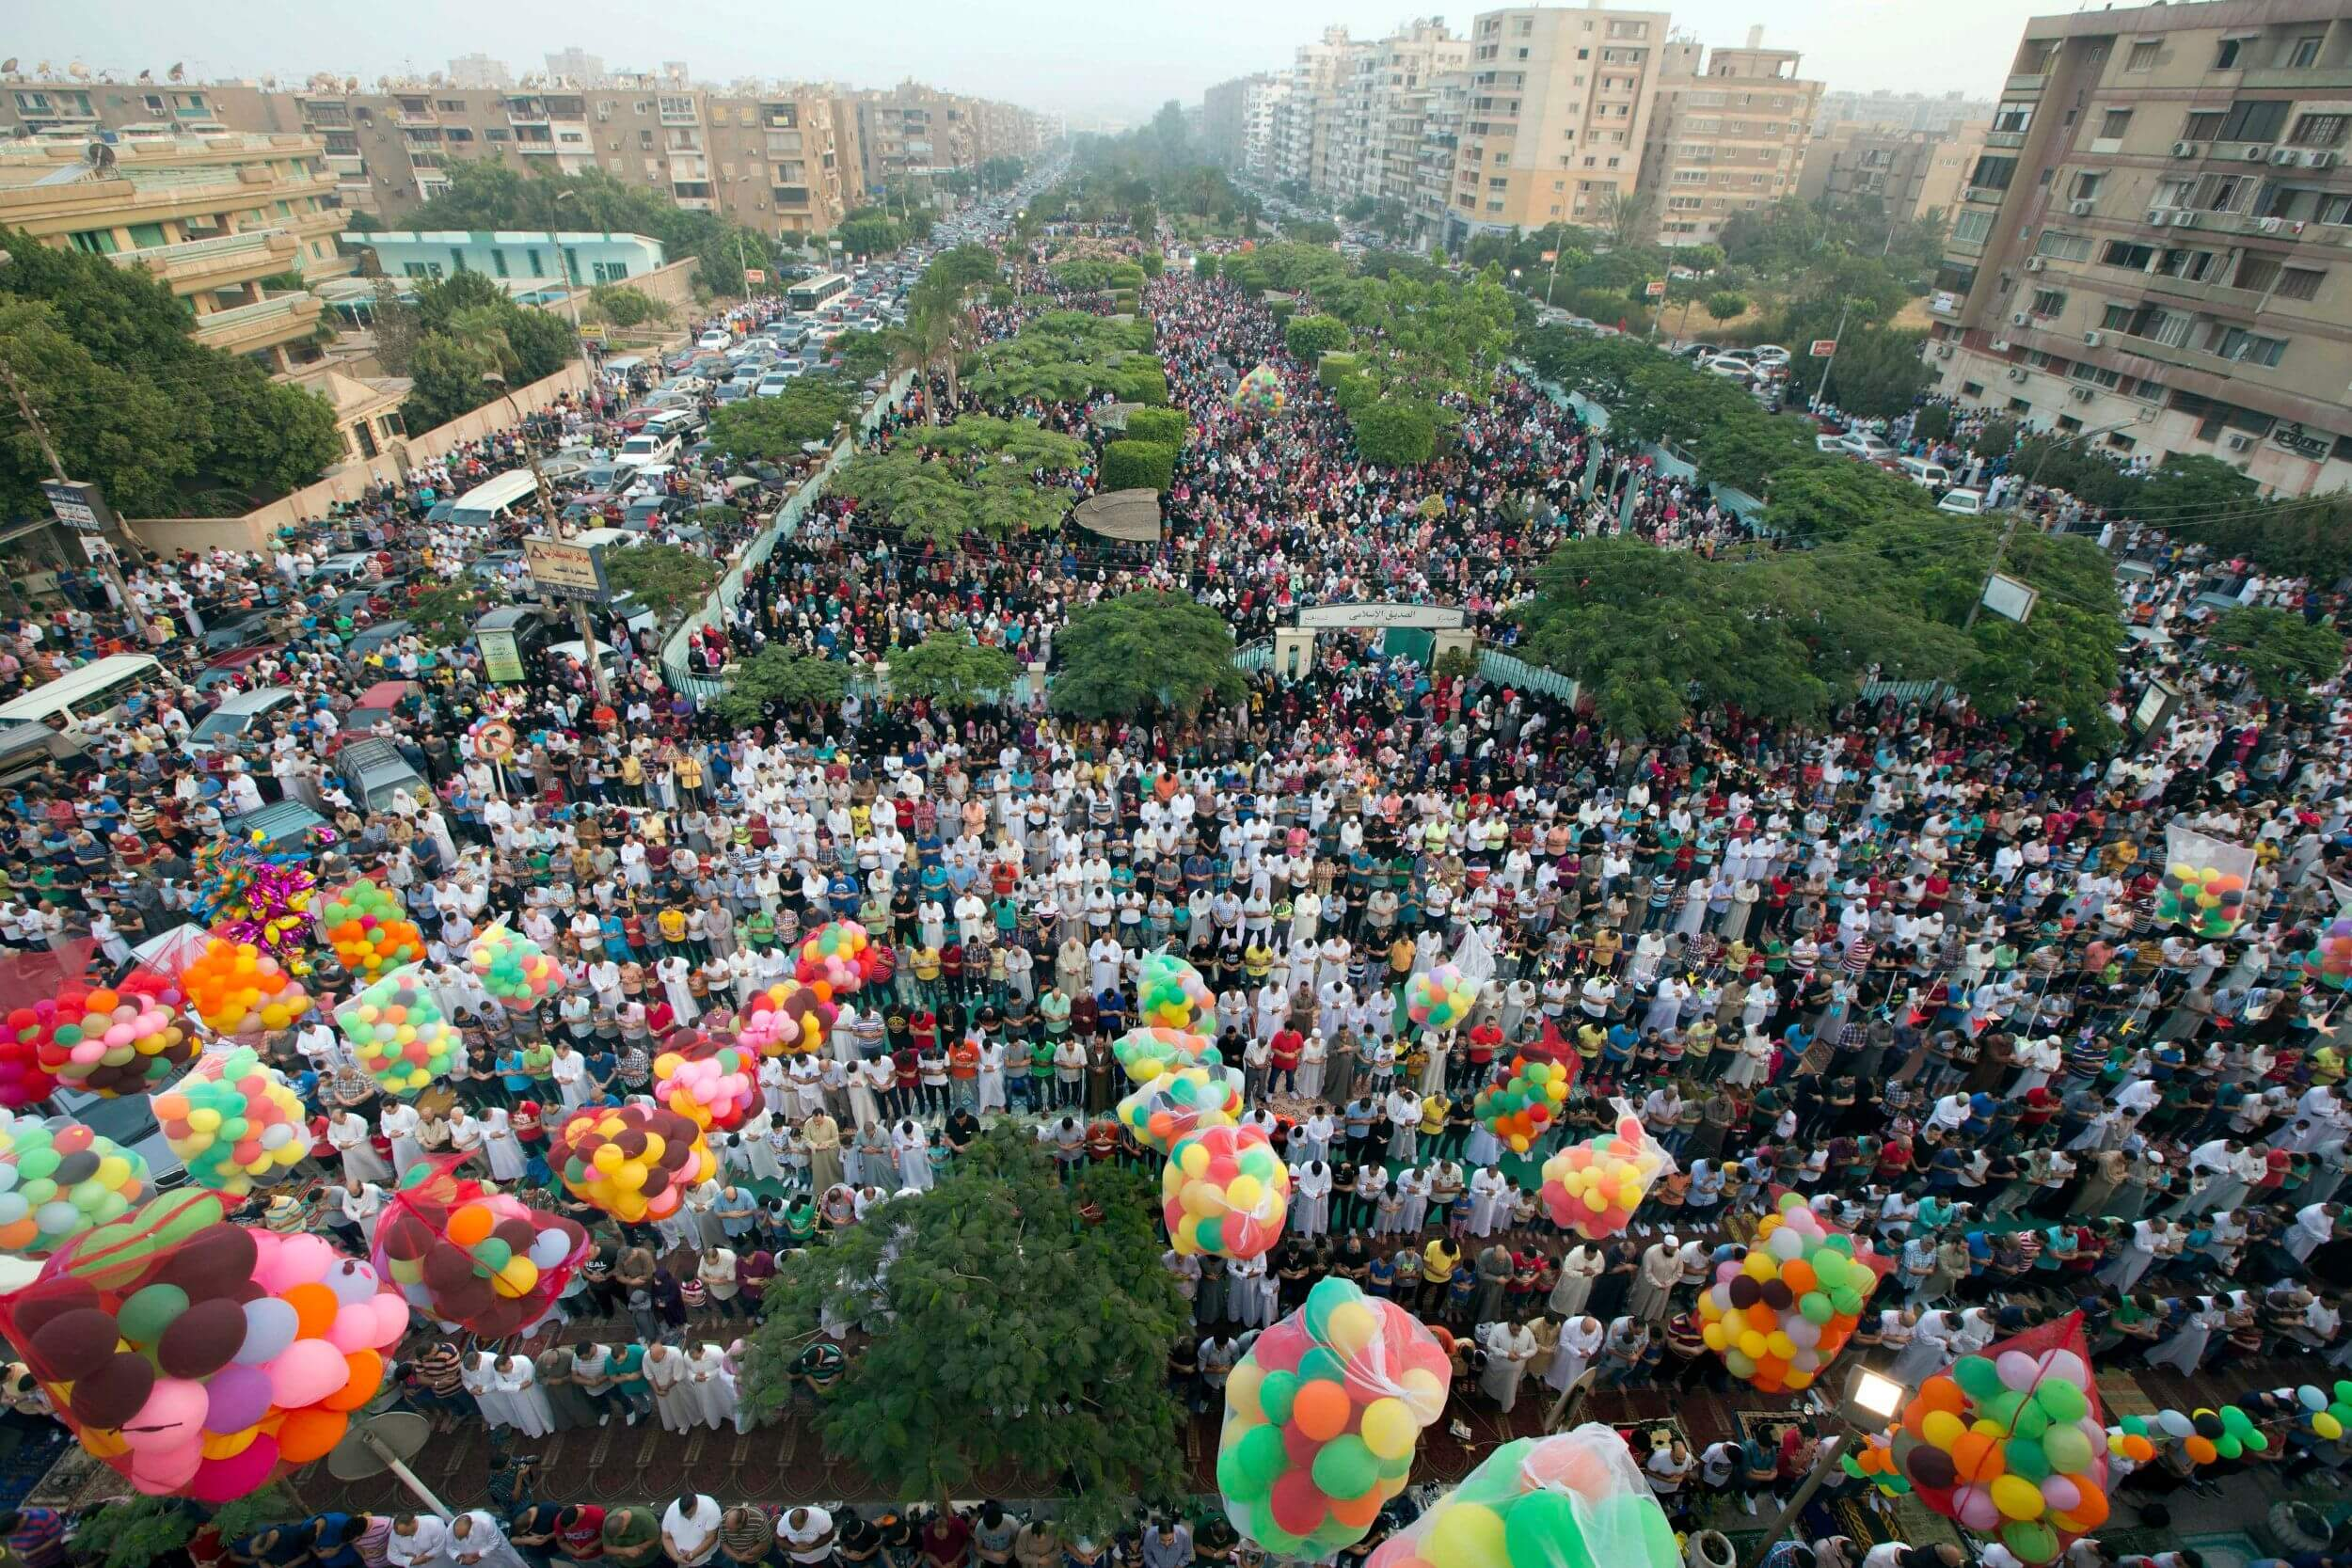 صورة موعد عيد الأضحى ۲۰۱۹ في مصر